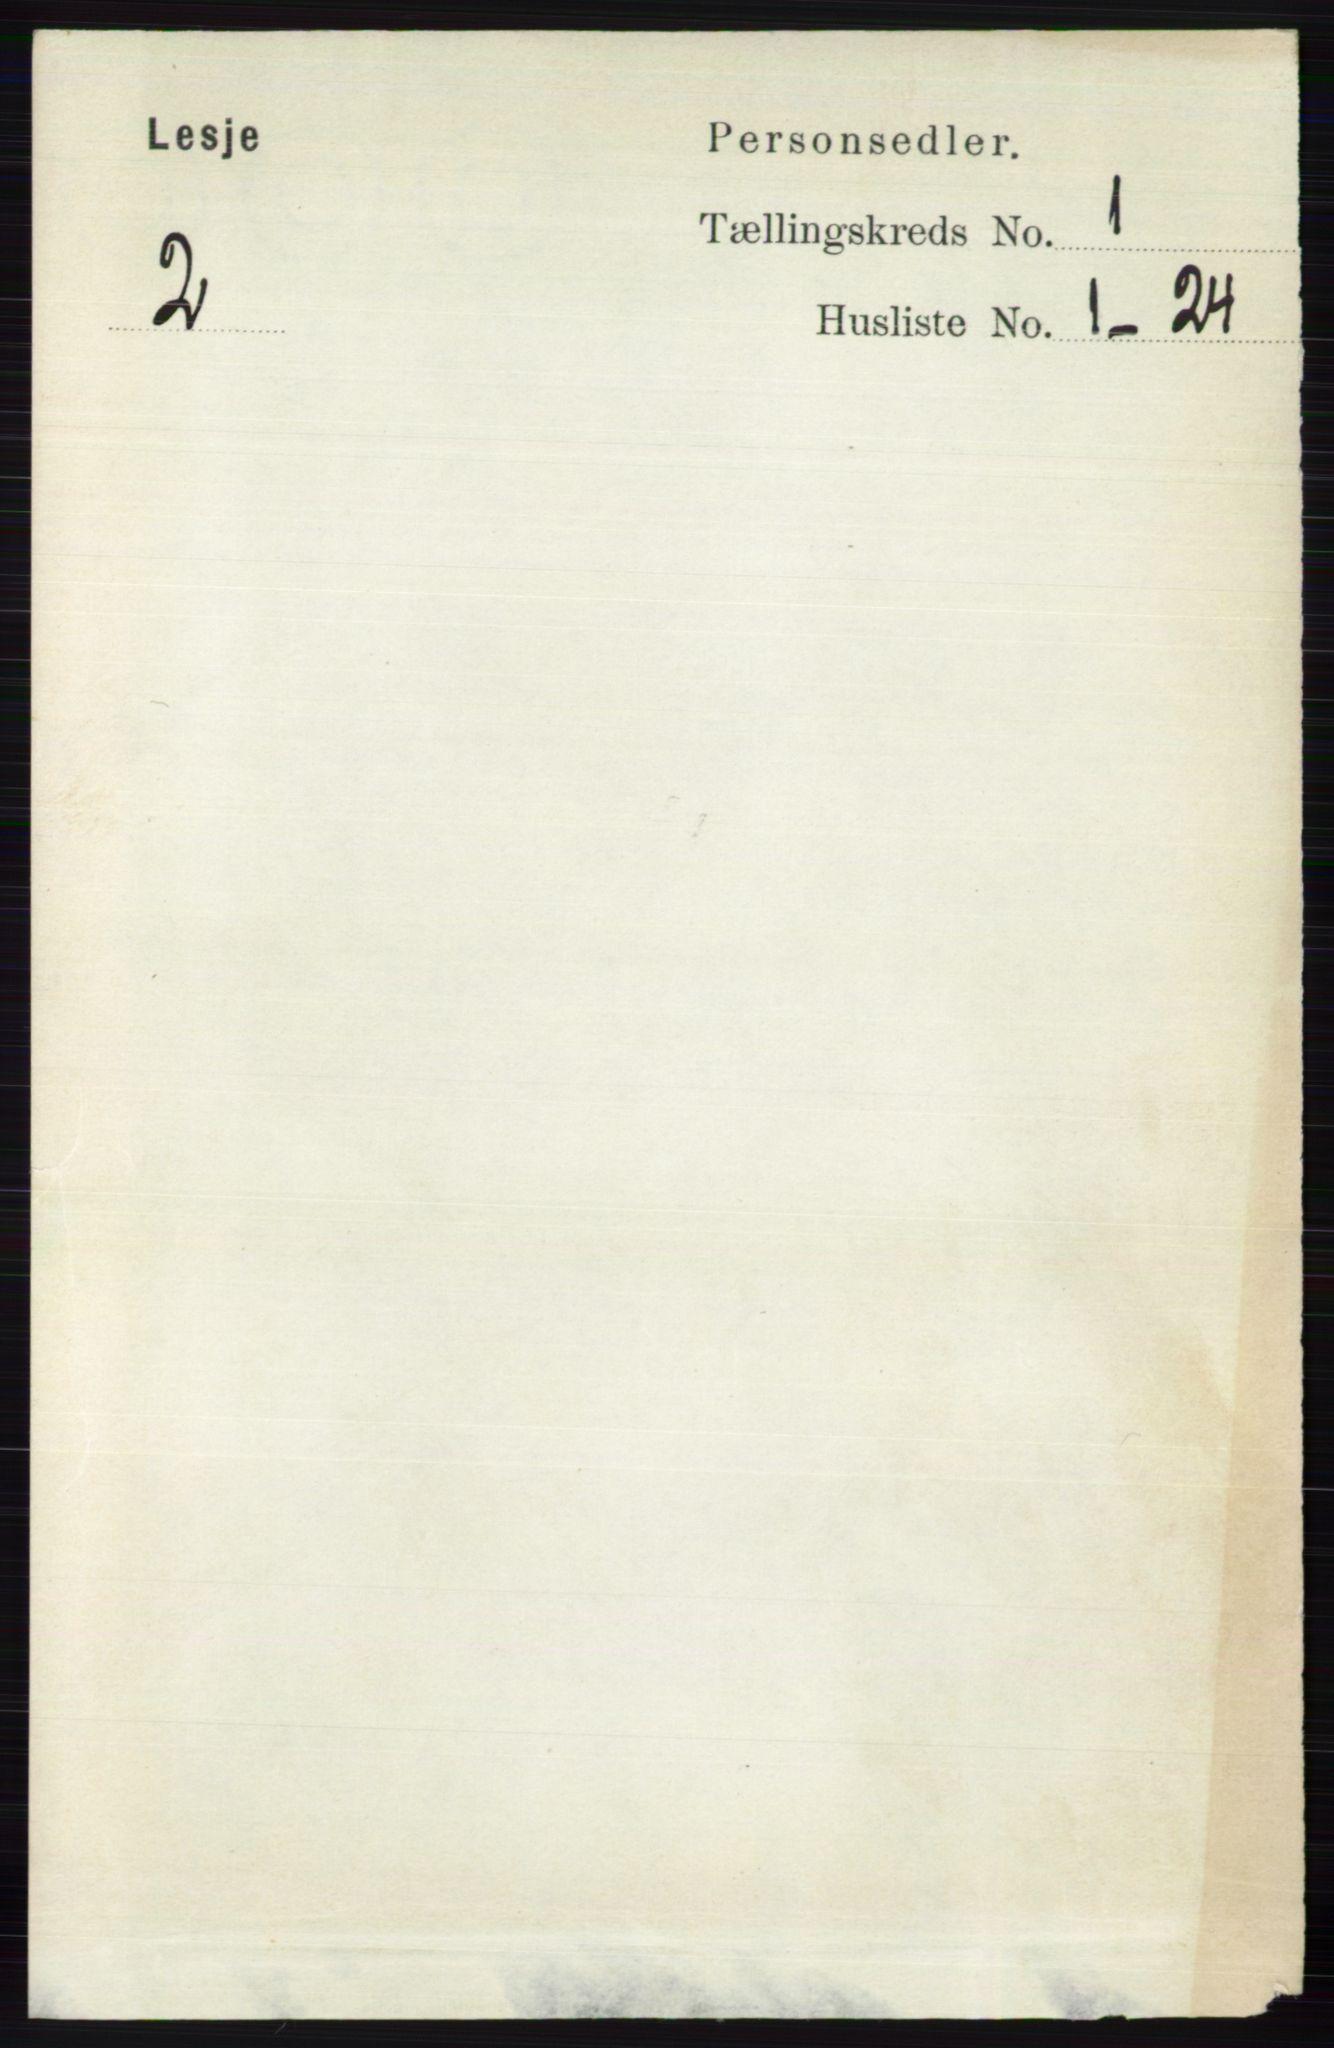 RA, Folketelling 1891 for 0512 Lesja herred, 1891, s. 78